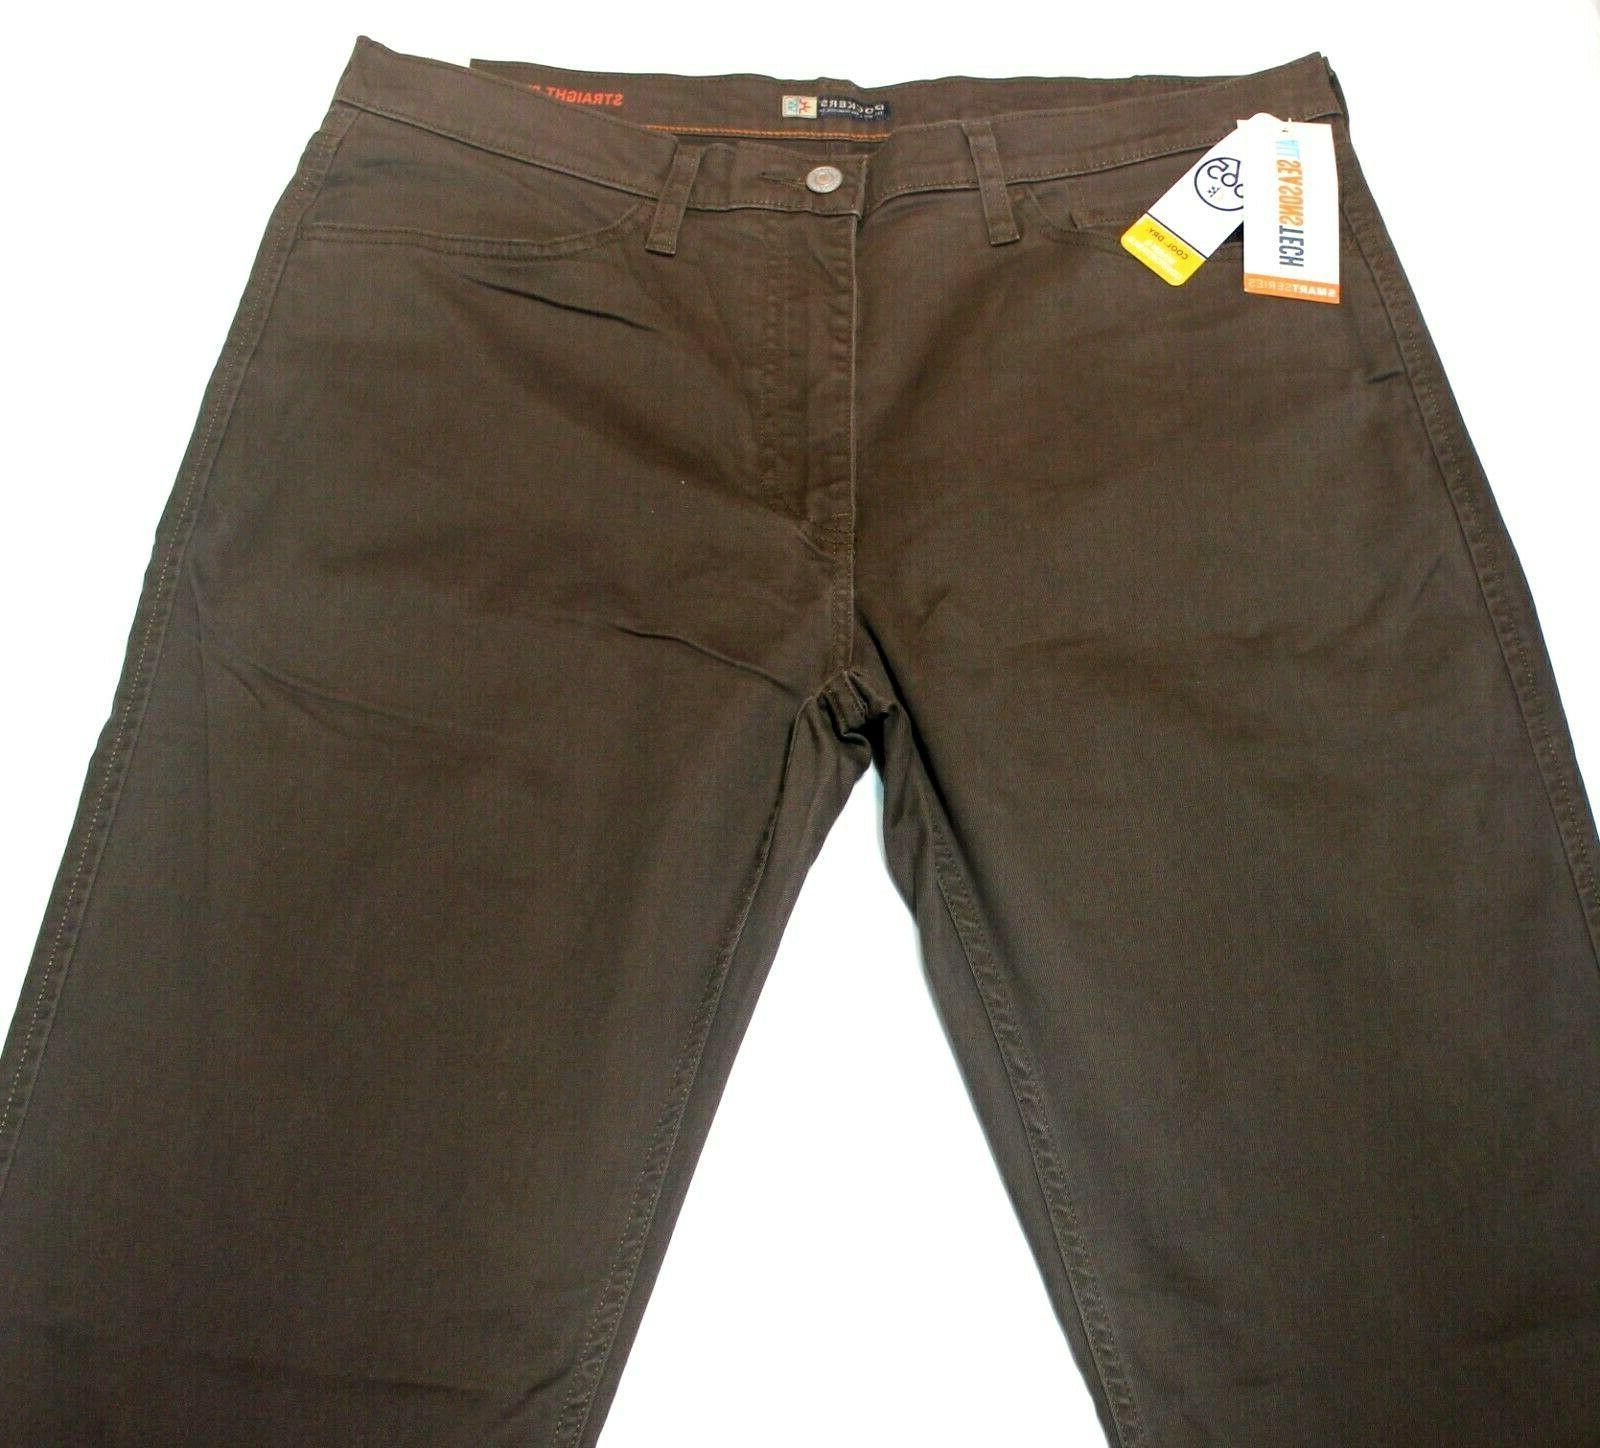 Men's Dockers Jean All Seasons Pants